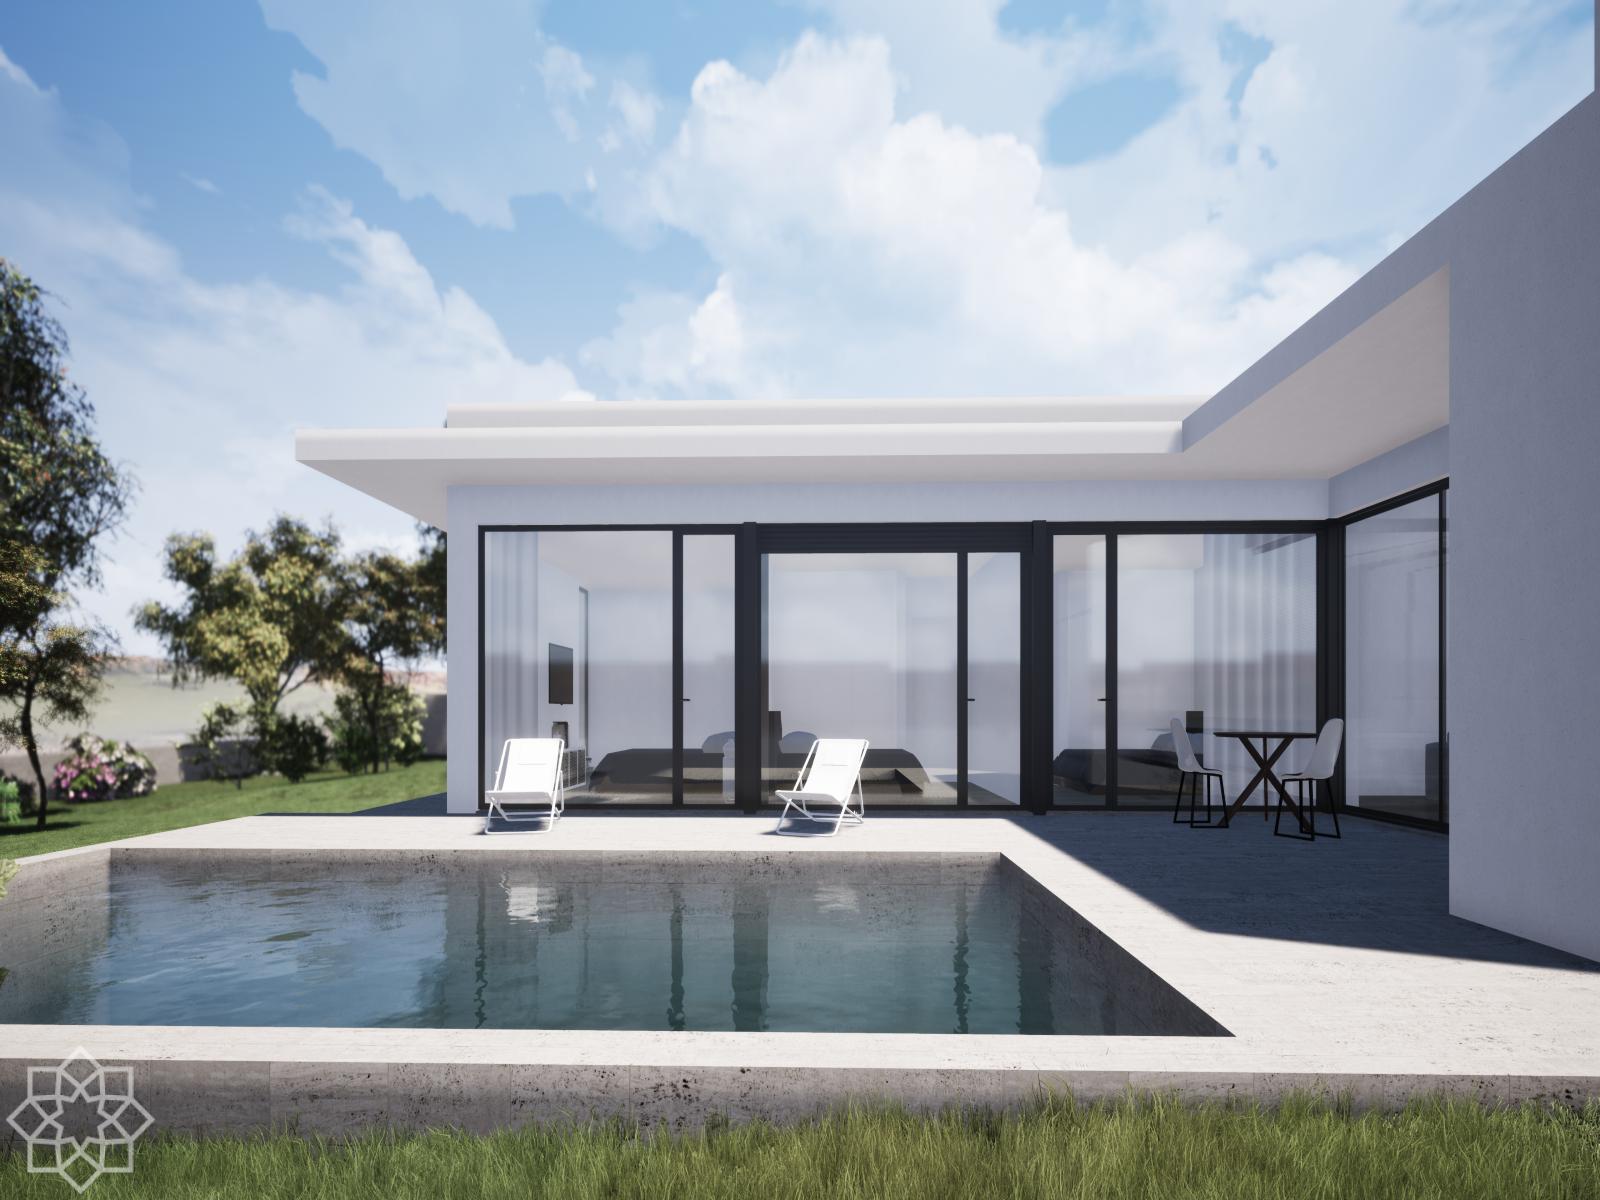 Moradia V3 de arquitectura moderna com piscina